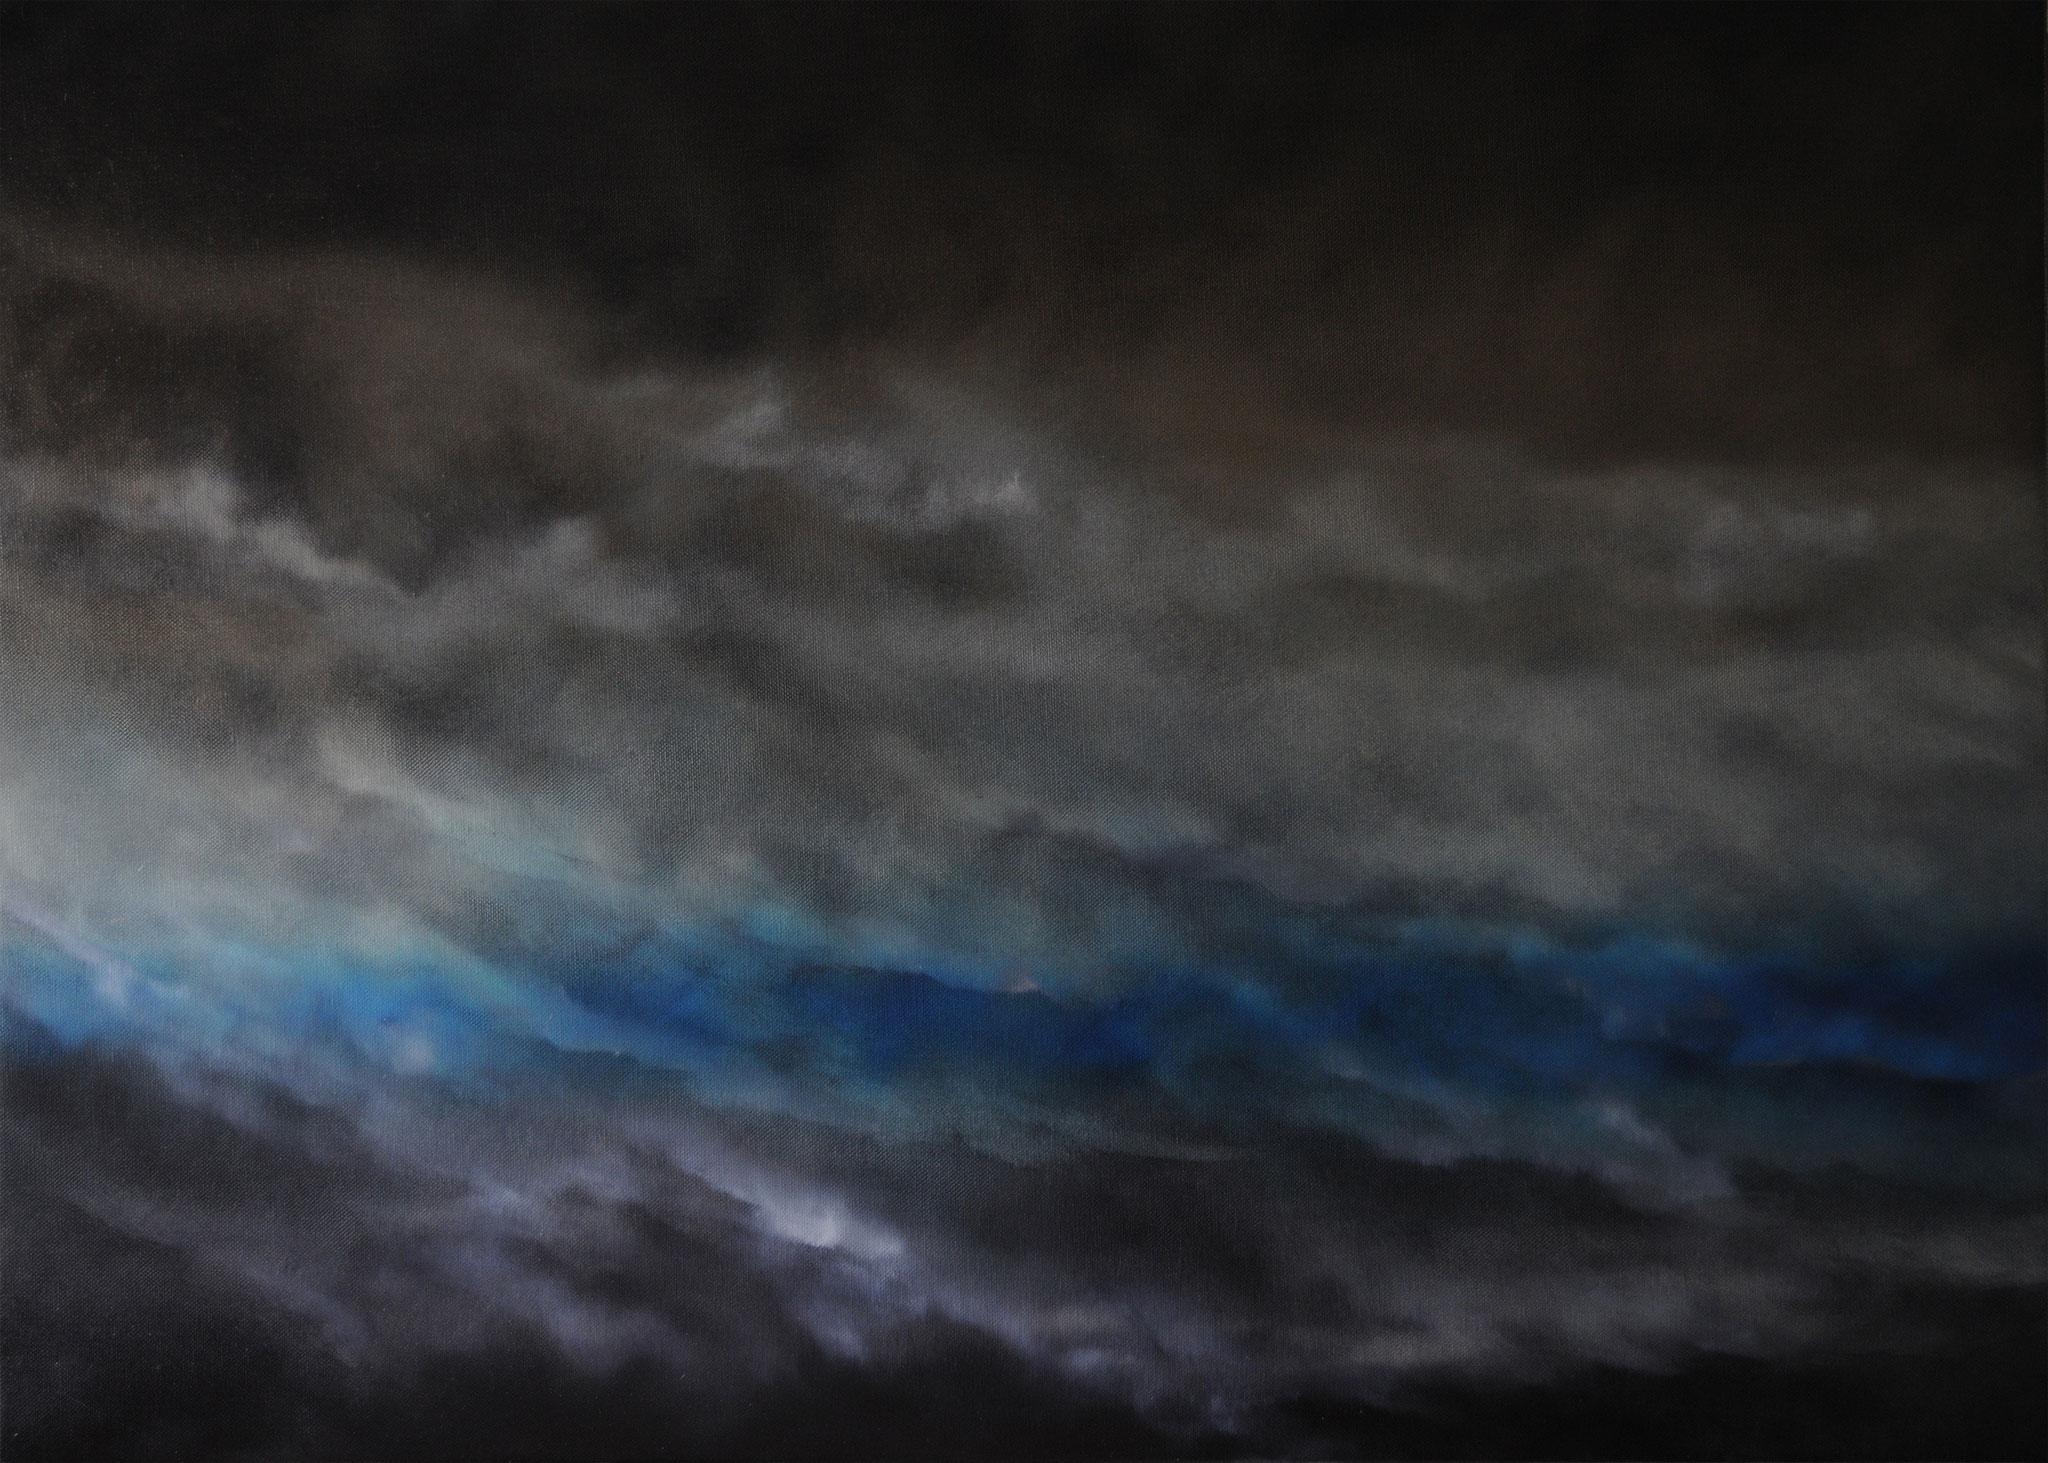 DIFFUSION 1, 2019, Öl/Lwd., 100 x 140cm